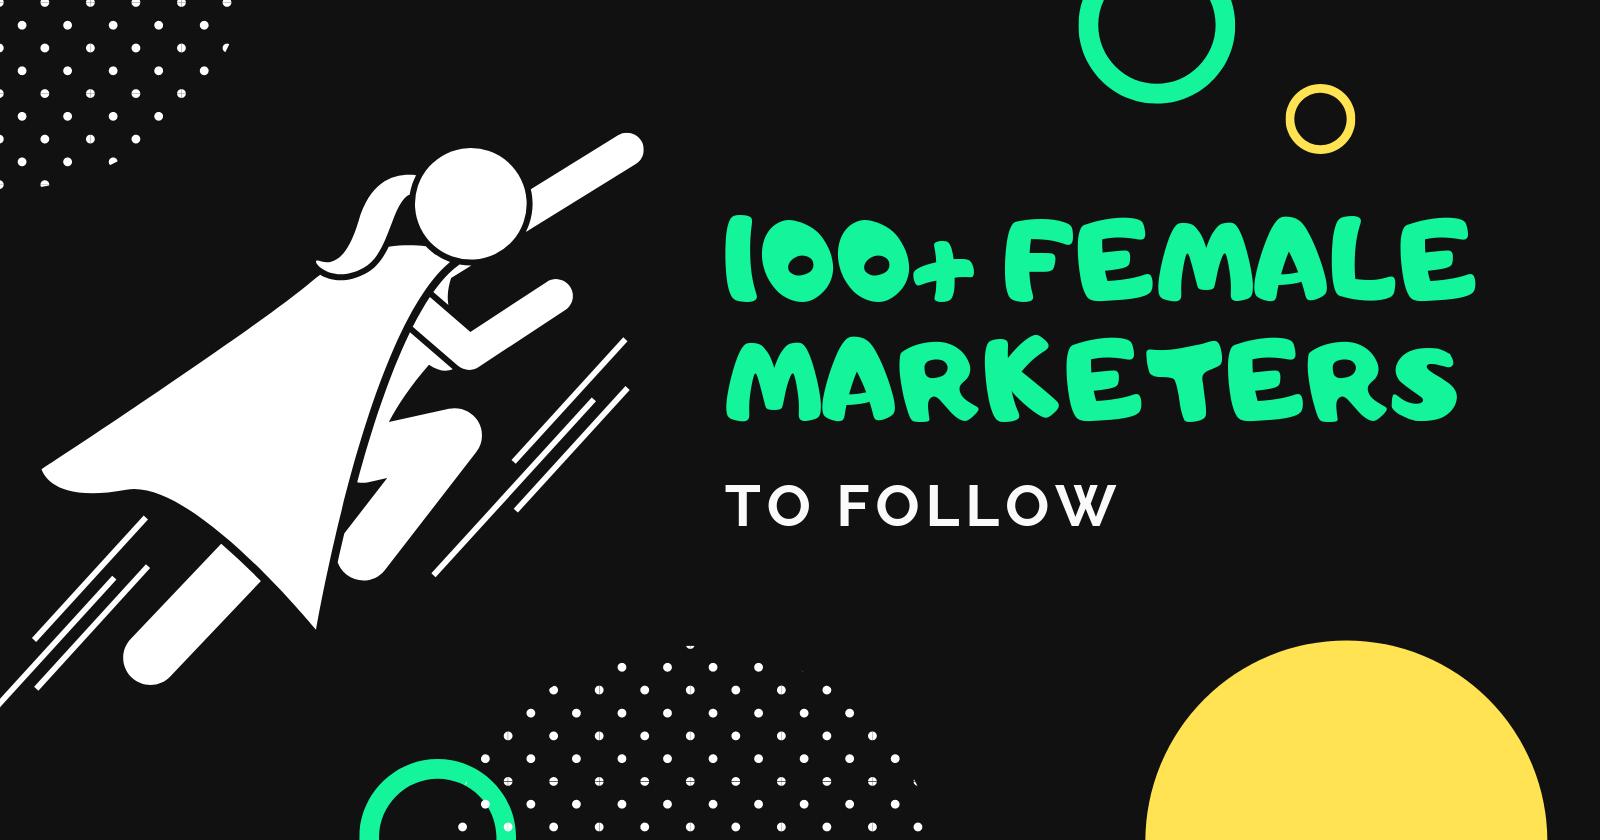 Plus de 100 femmes marketing géniales à suivre en 2019